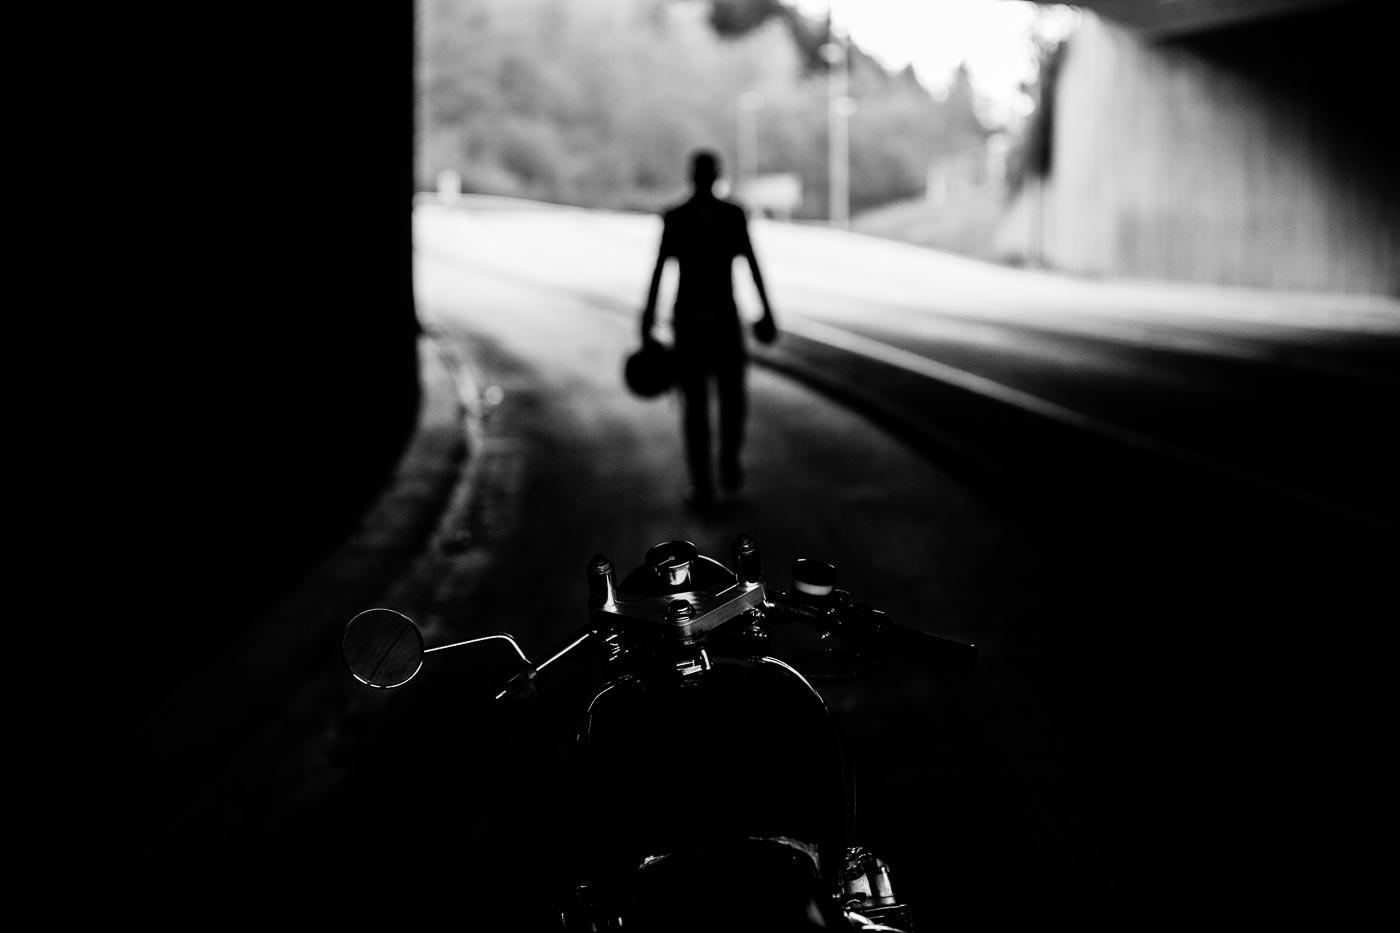 WilkieVintage_Motorcycle_Projects @ Alan Thomas Duncan Wilkie-6.jpg